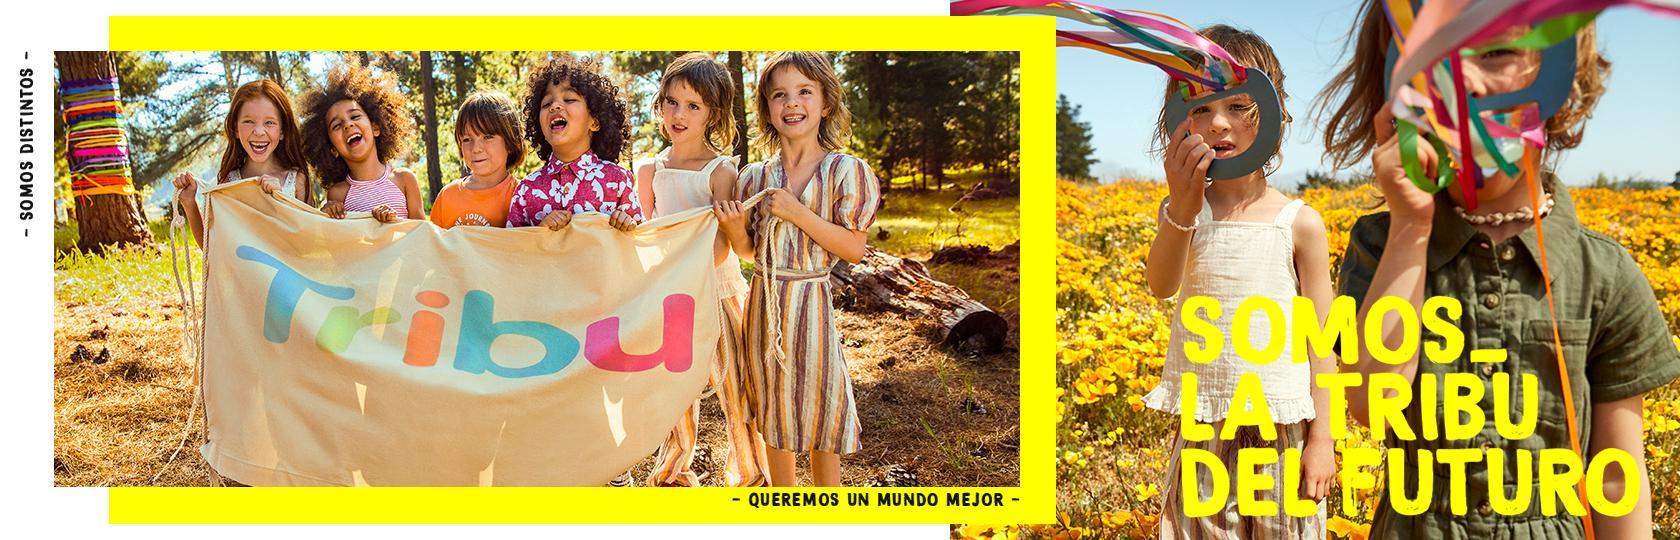 Nueva colección sustentable de vestuario para niños de Tribu